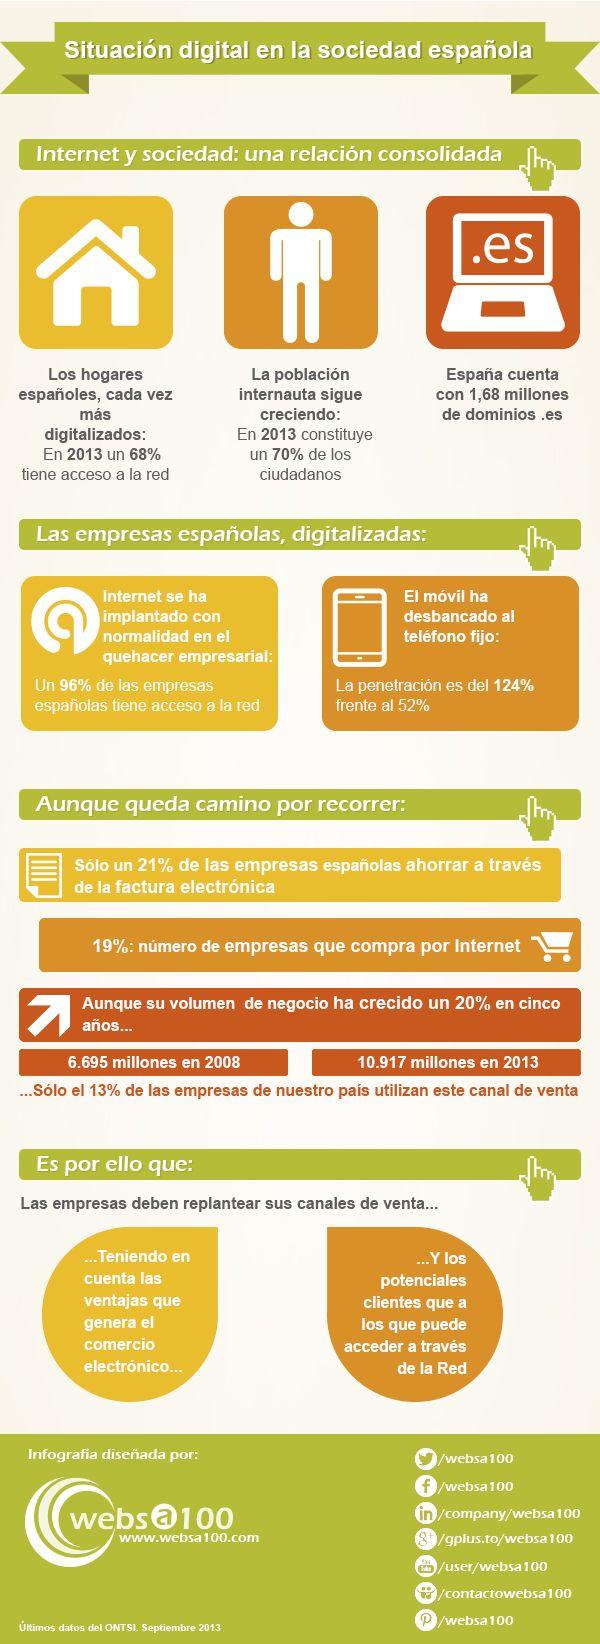 digitalización de la sociedad española en una infografía